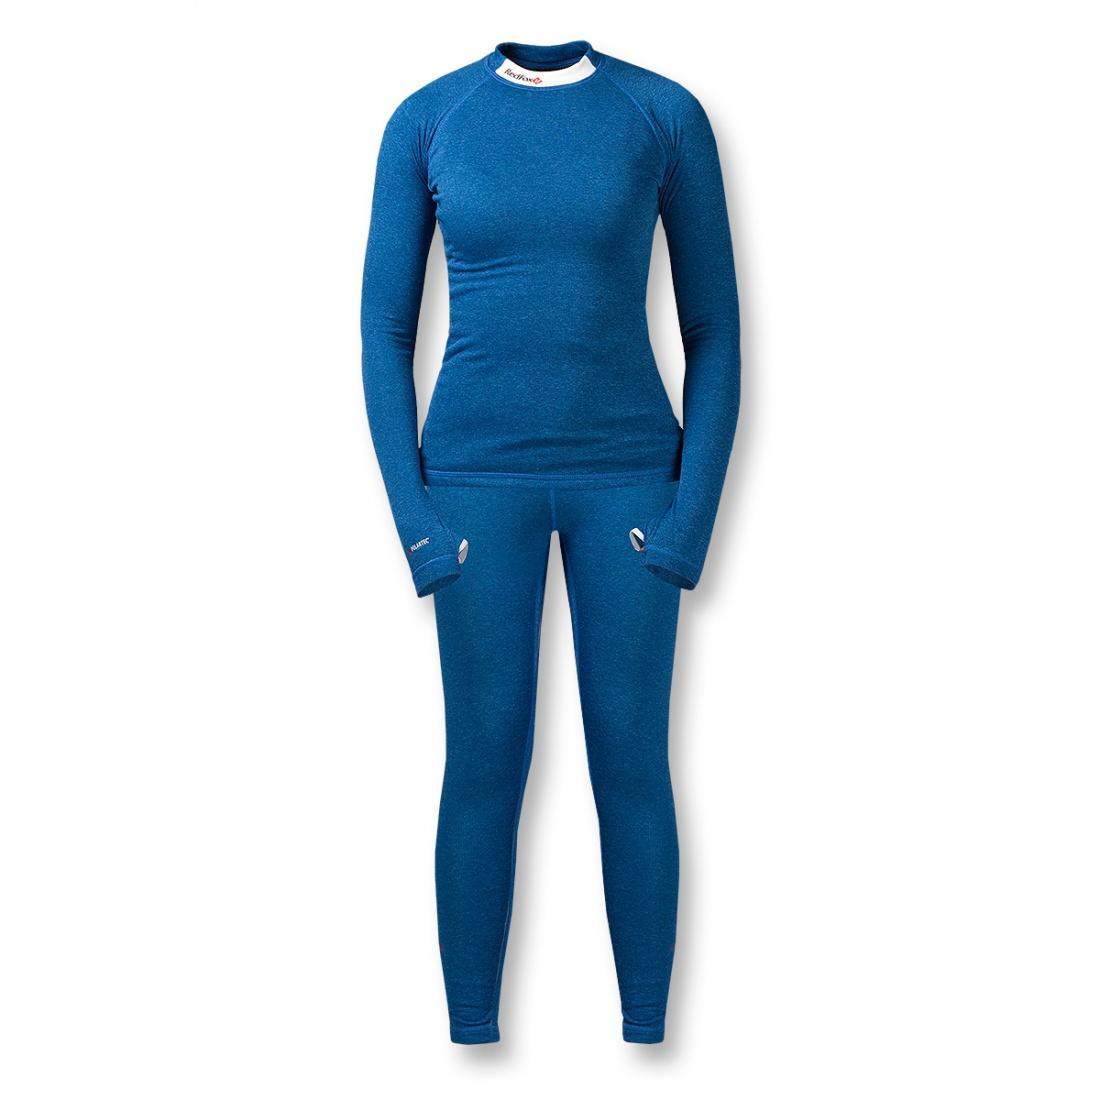 Термобелье костюм Classic Dry II ЖенскийКомплекты<br><br> Лёгкое и технологичное термобельё, выполненное изматериала Polartec® Power dry®,обладает превосходными характеристиками паропроницаемости ...<br><br>Цвет: Небесно-голубой<br>Размер: 42